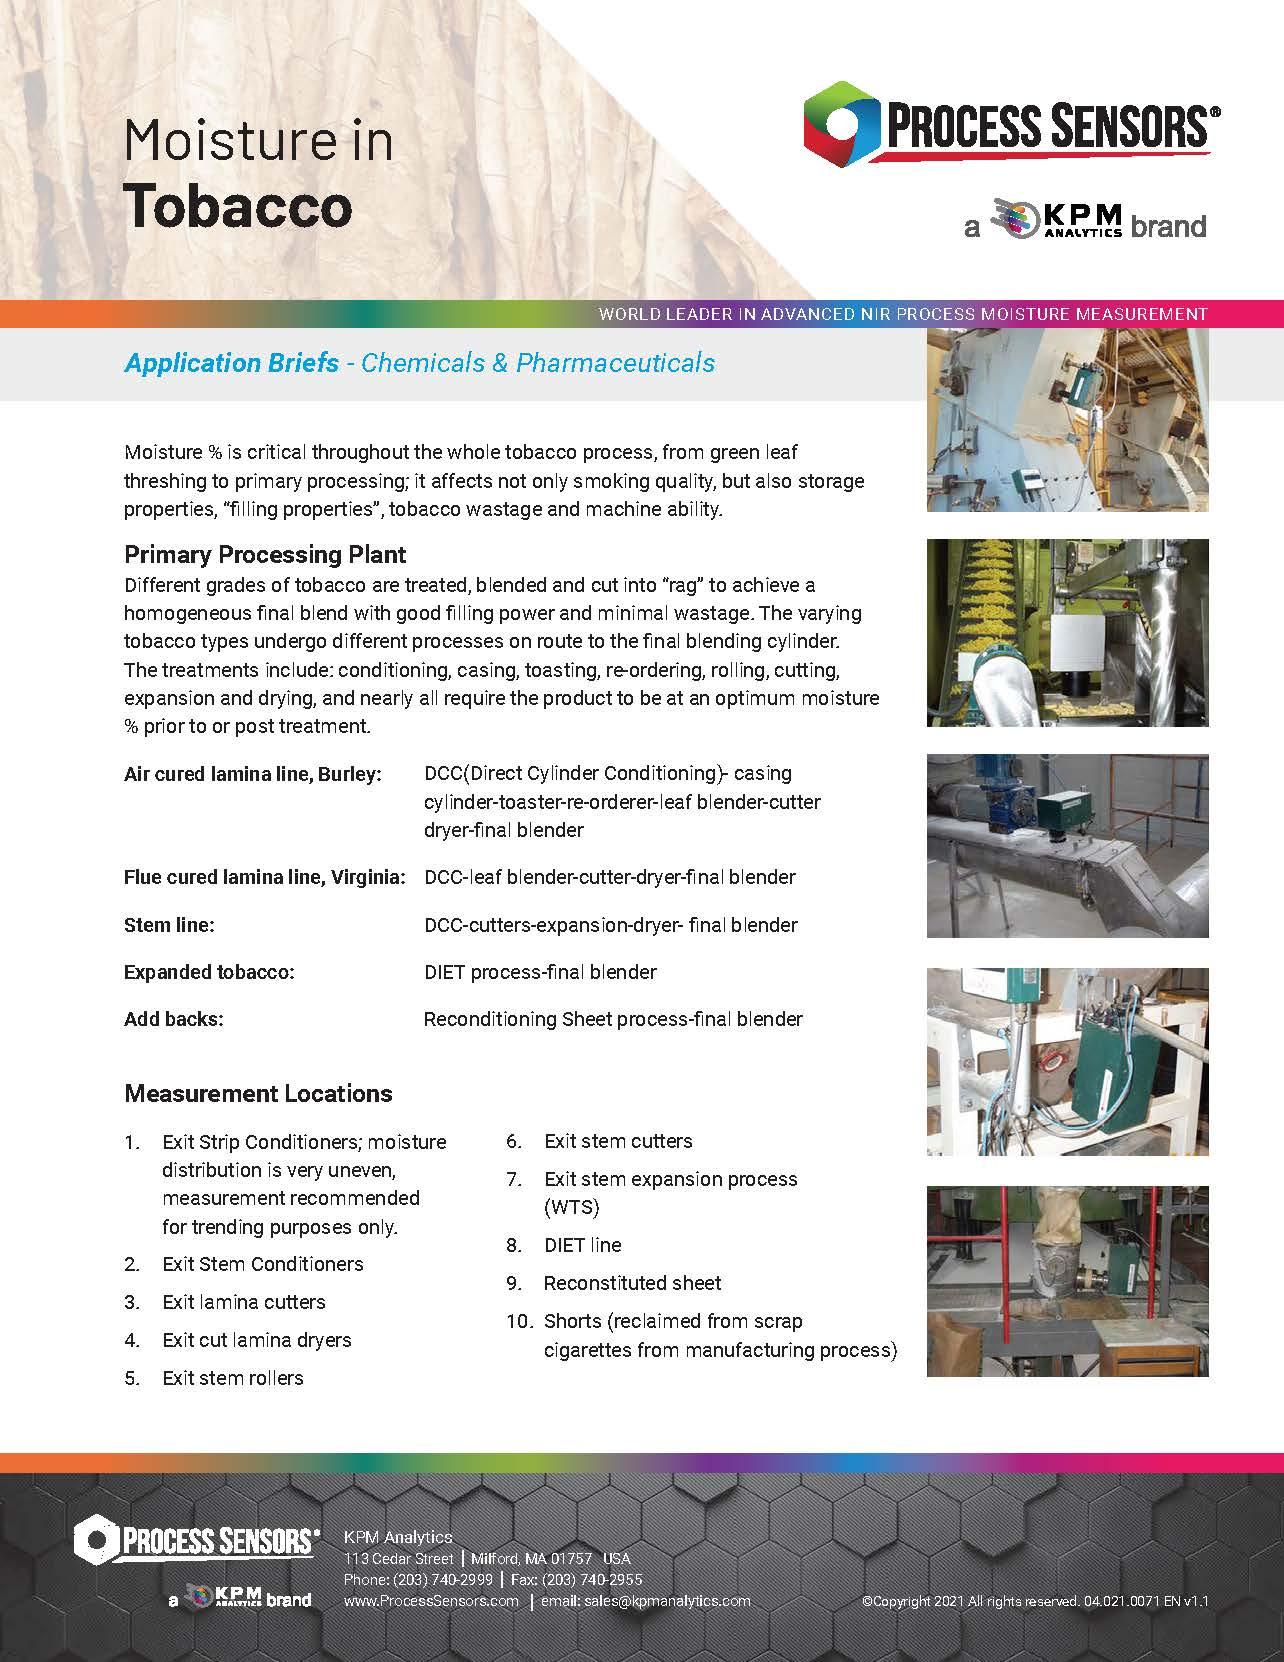 Moisture in Tobacco